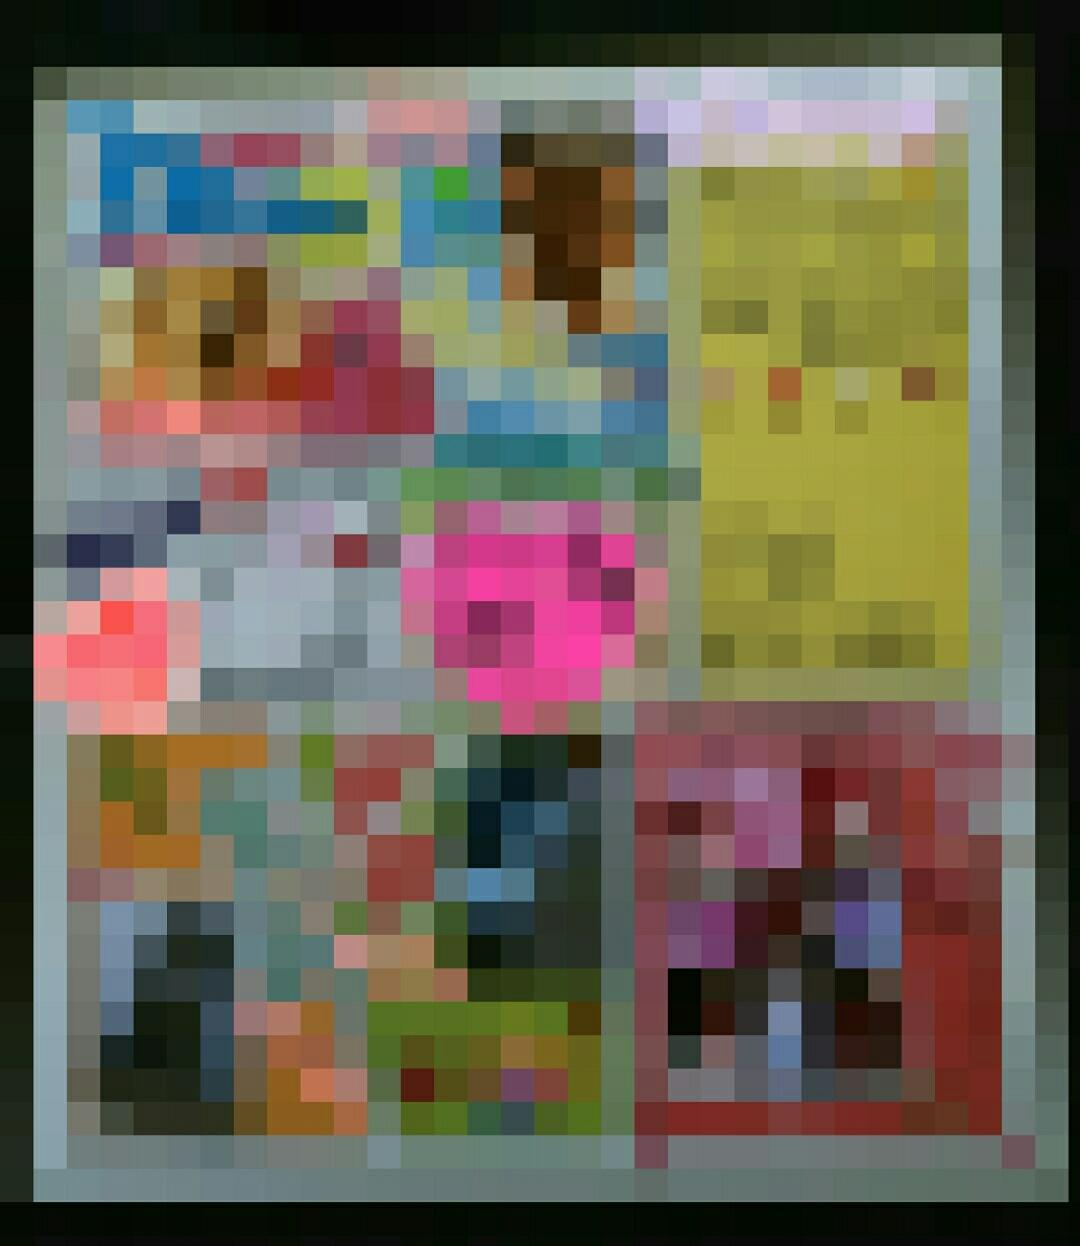 b0253057_07512536.jpg